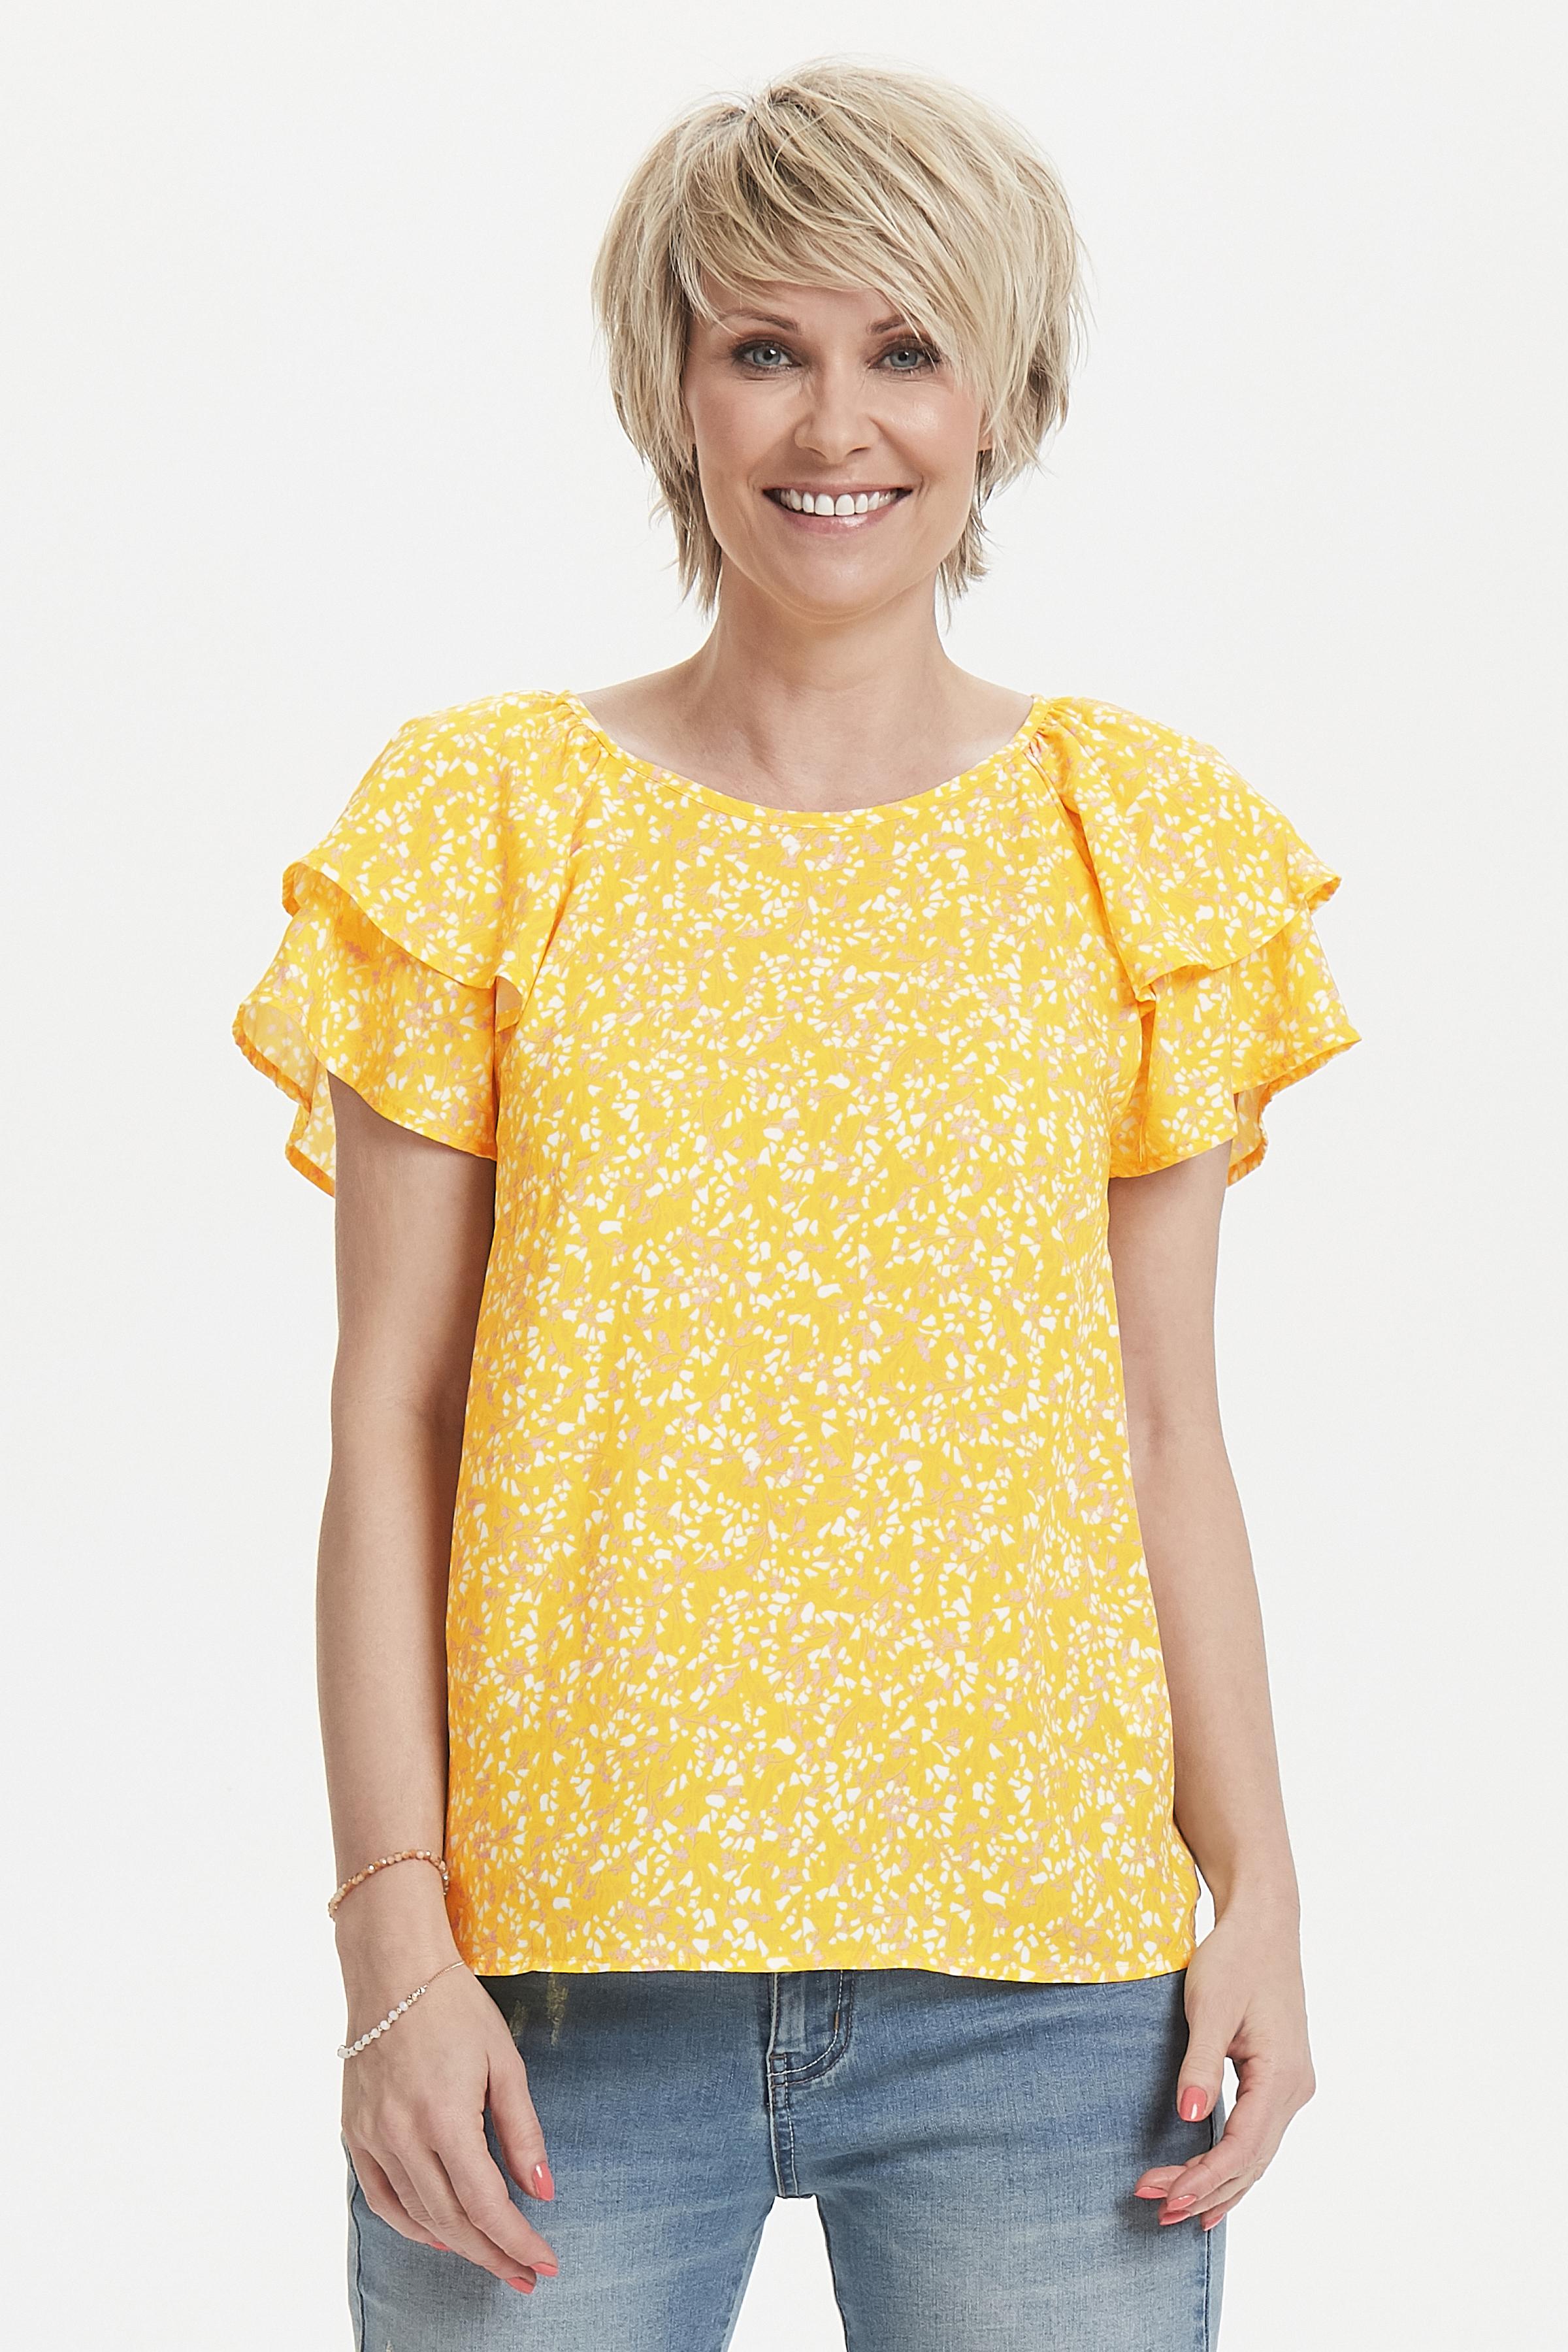 Støvet gul/off-white